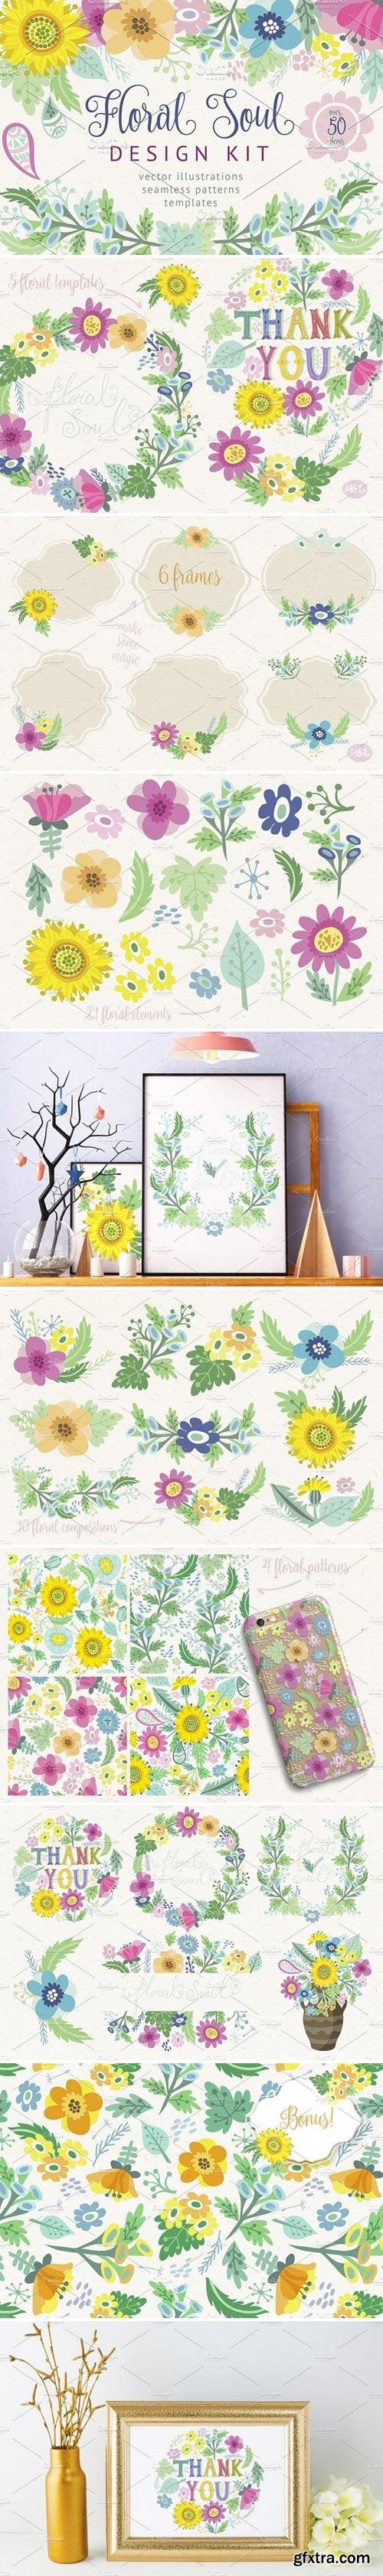 CM - Floral soul 1575737